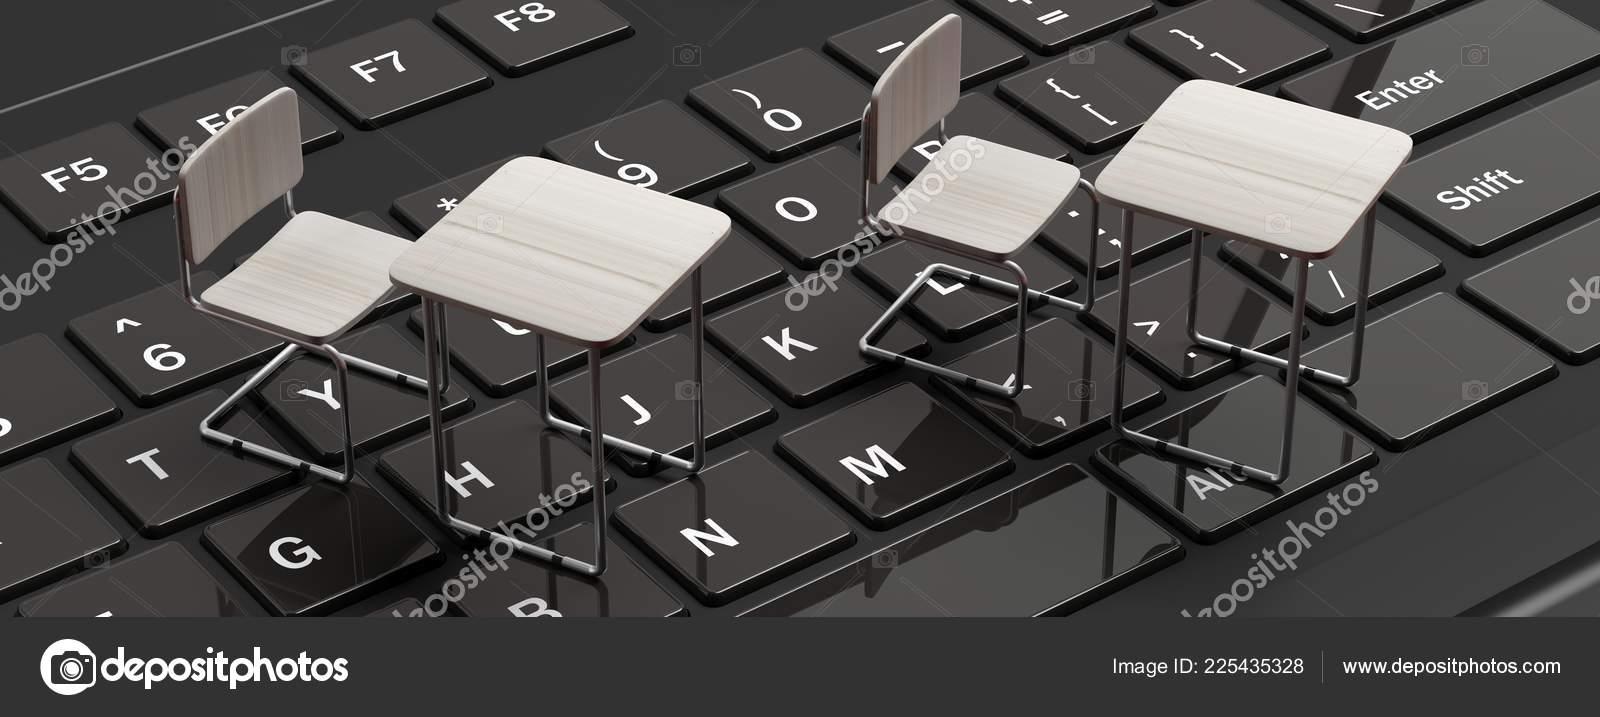 Learning Webinar Concept White Desks Black Laptop Computer Keyboard Banner Stock Photo C Gioiak2 225435328